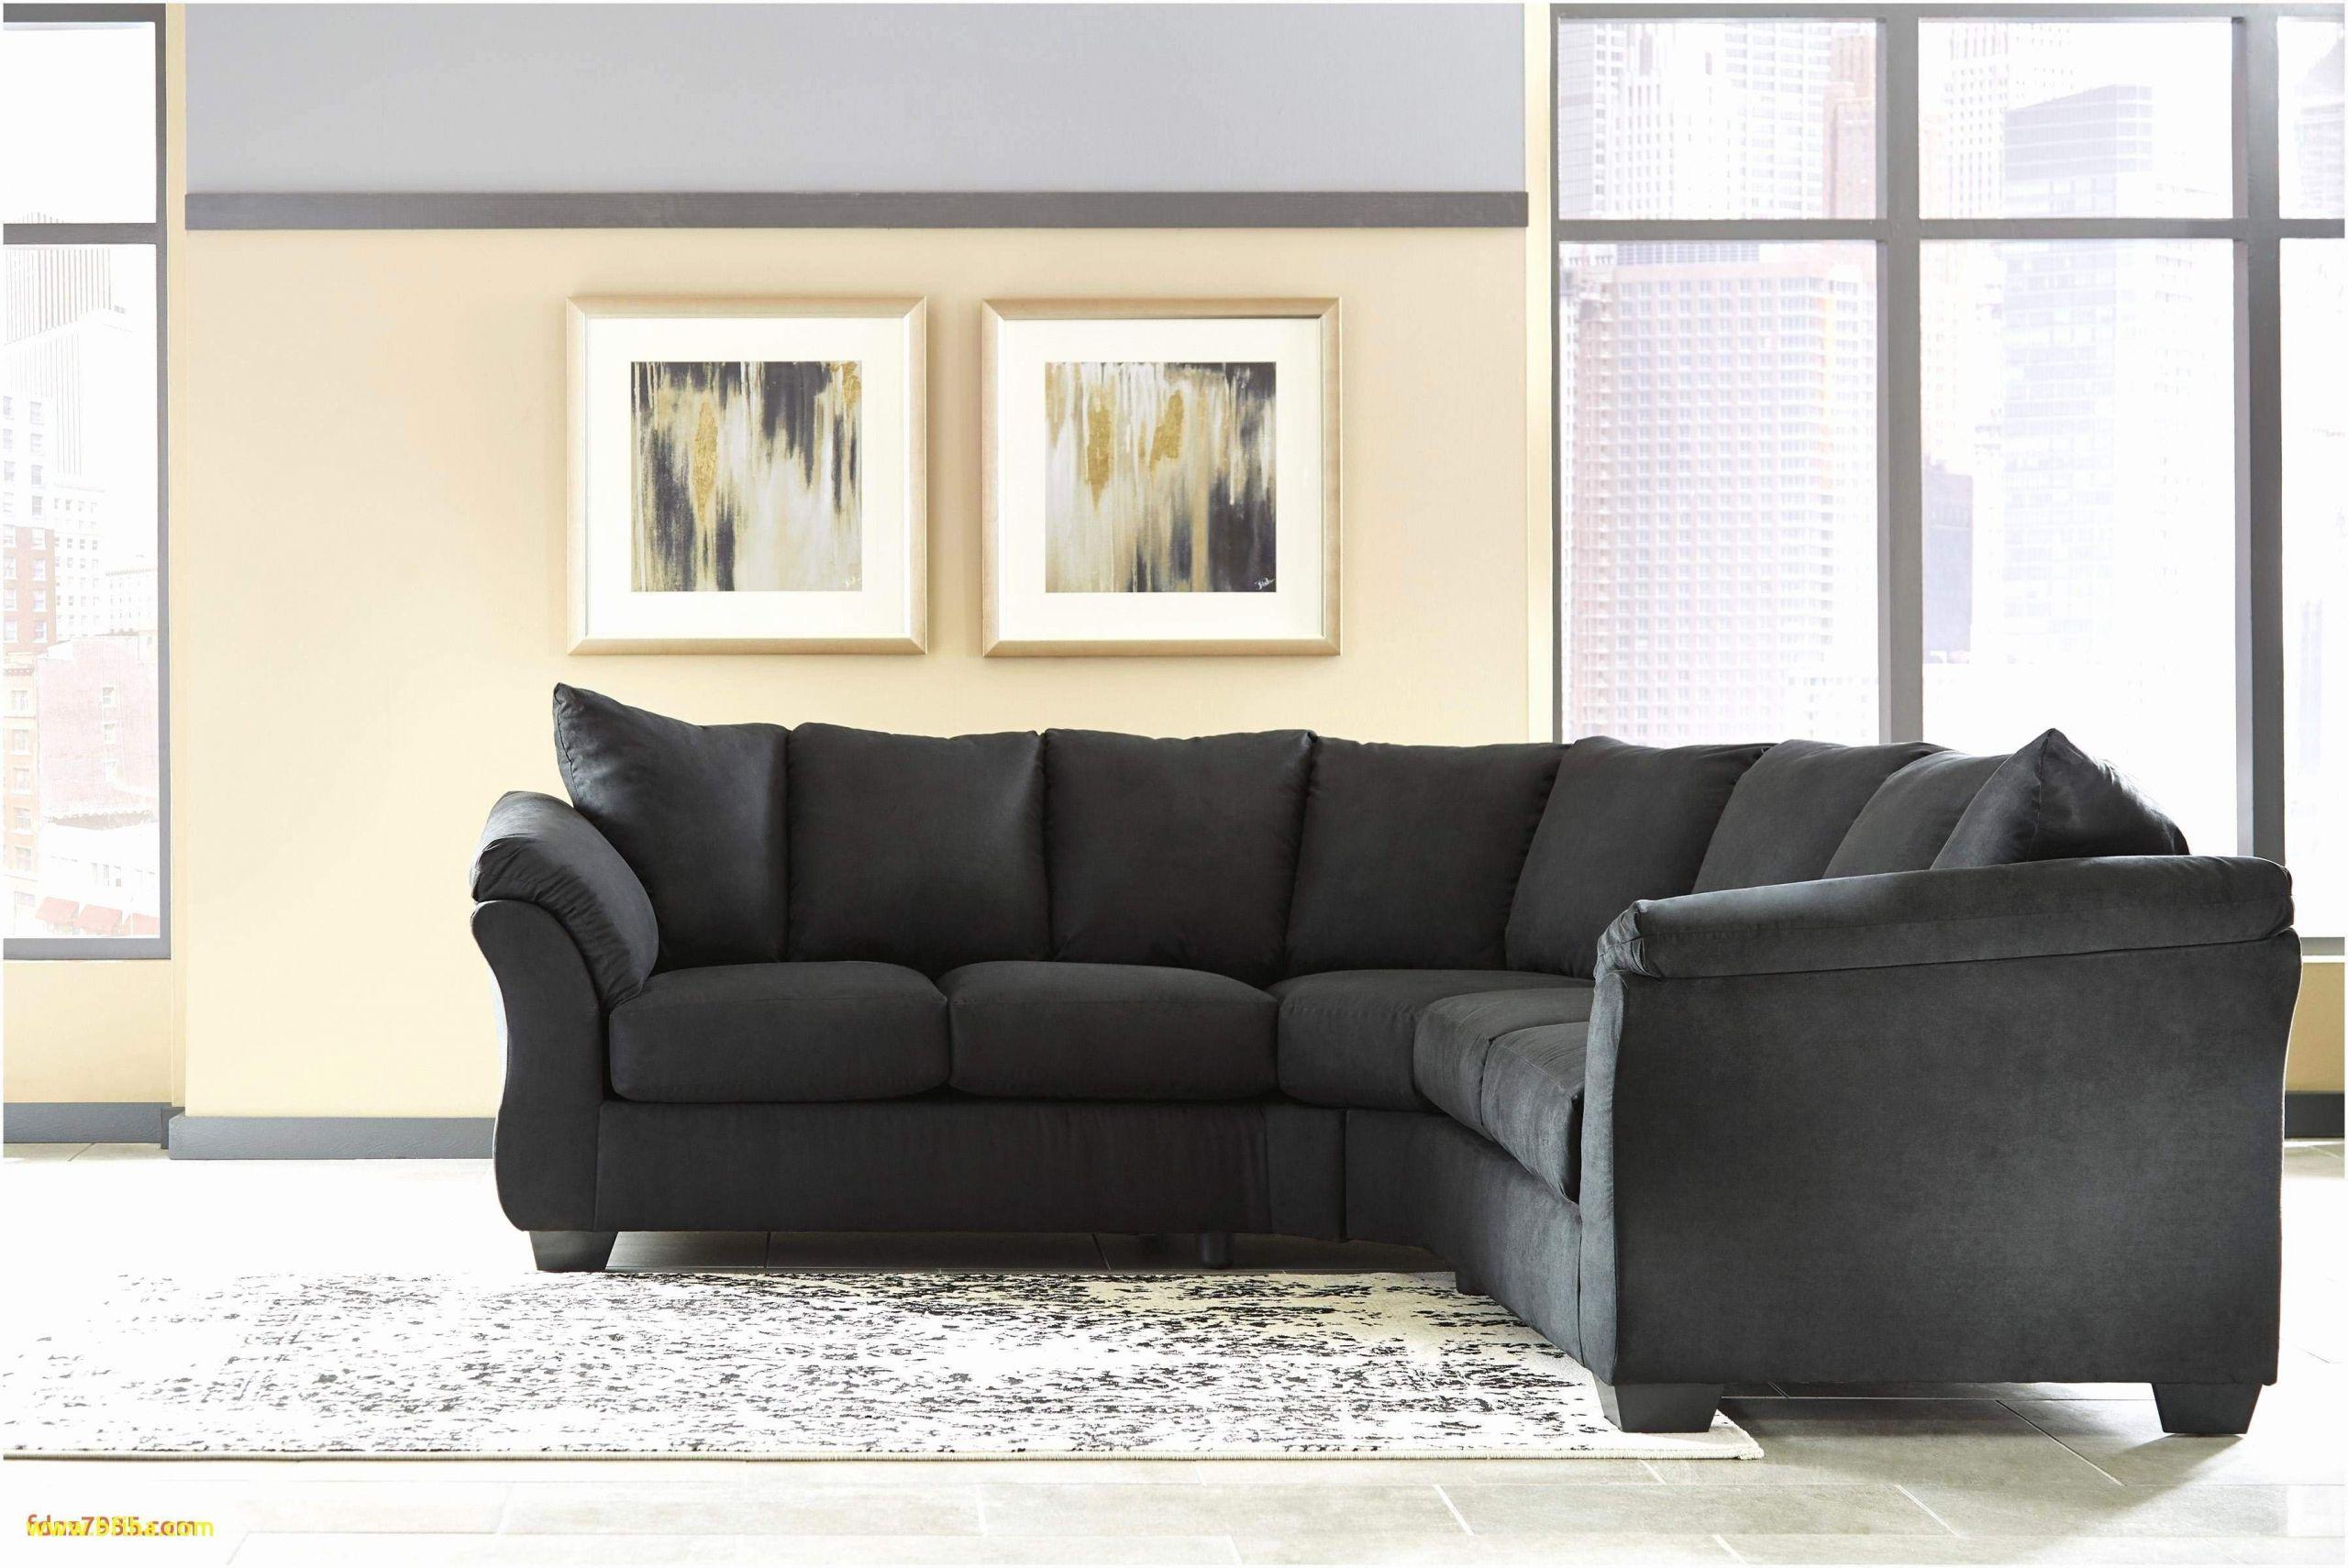 sessel wohnzimmer elegant neu sessel wohnzimmer of sessel wohnzimmer